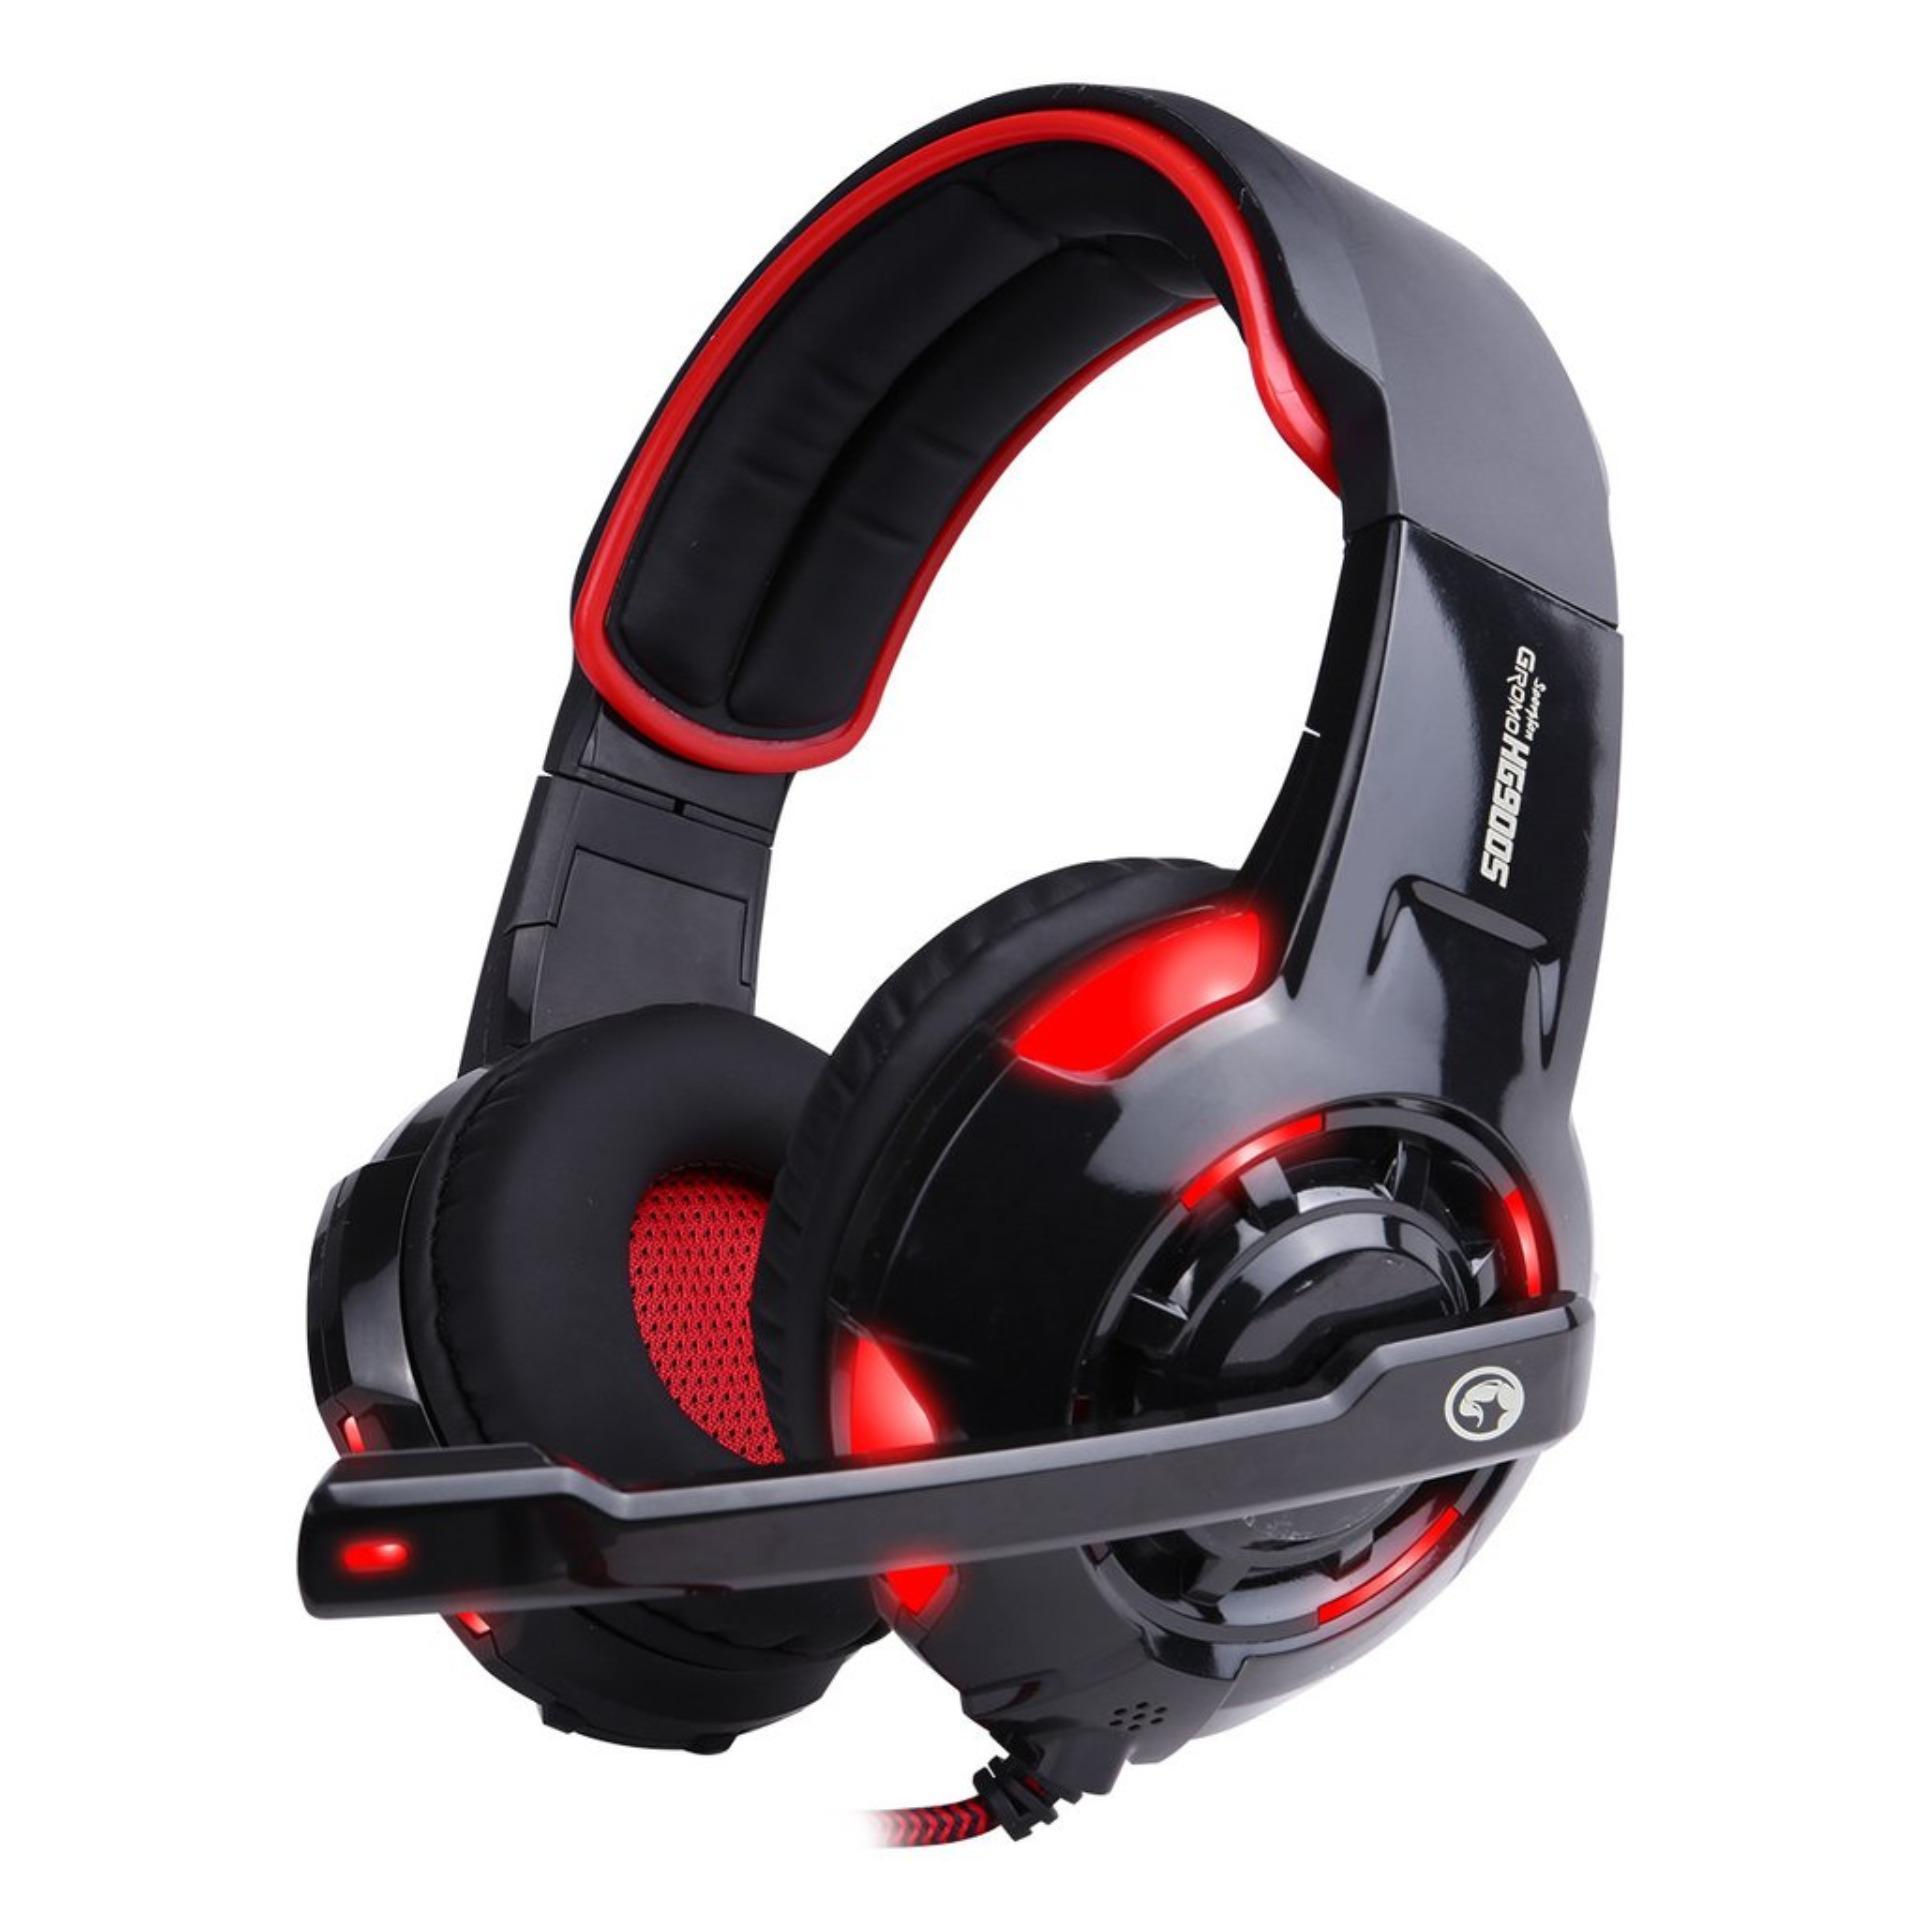 Marvo H8316 Gaming Headset Braided Cable Hitam Merah Daftar Harga Headphone H 8631 Hg9005 Usb Surround 71